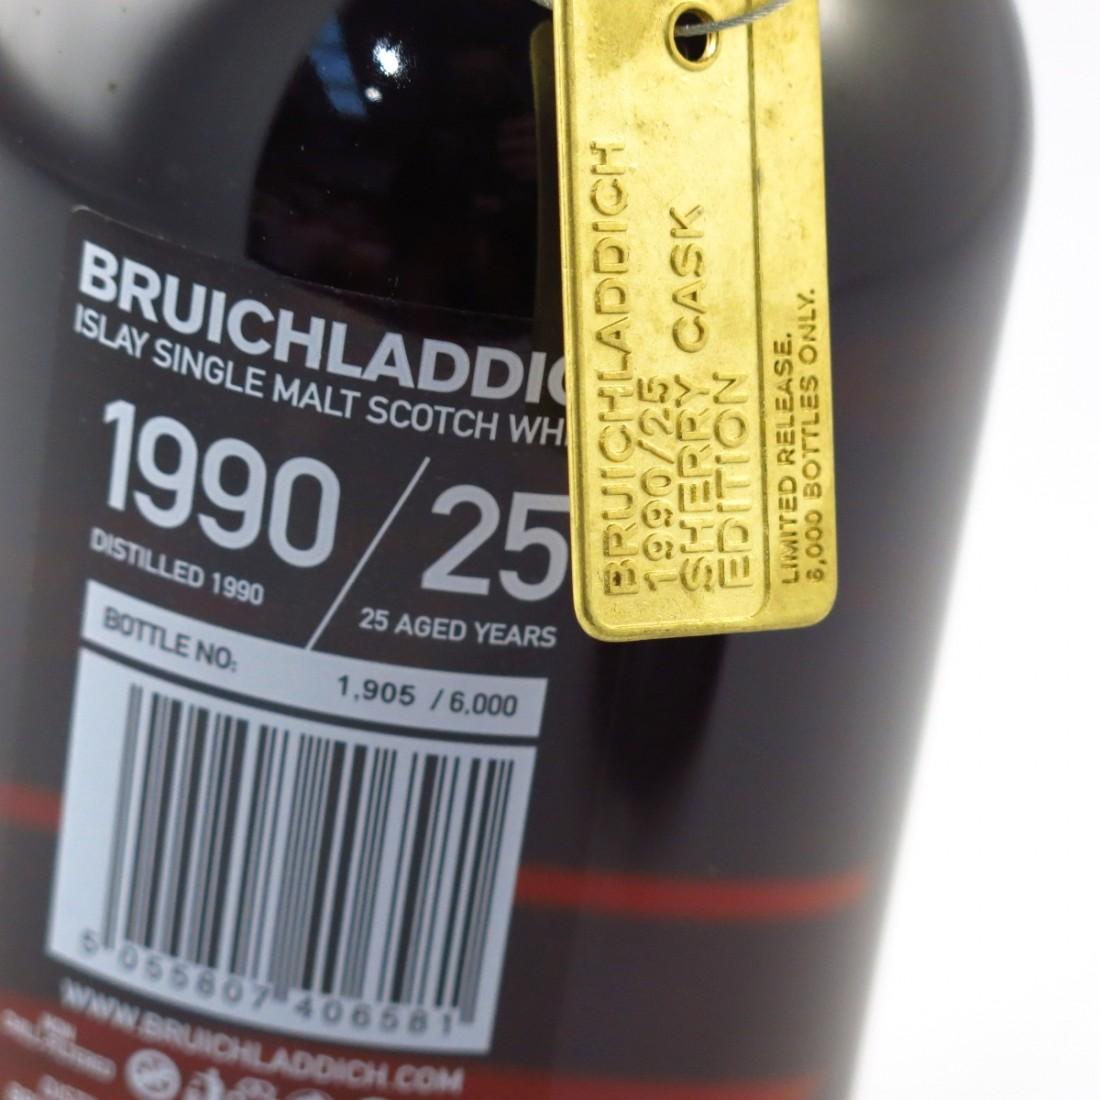 Bruichladdich 1990 Sherry Cask 25 Year Old